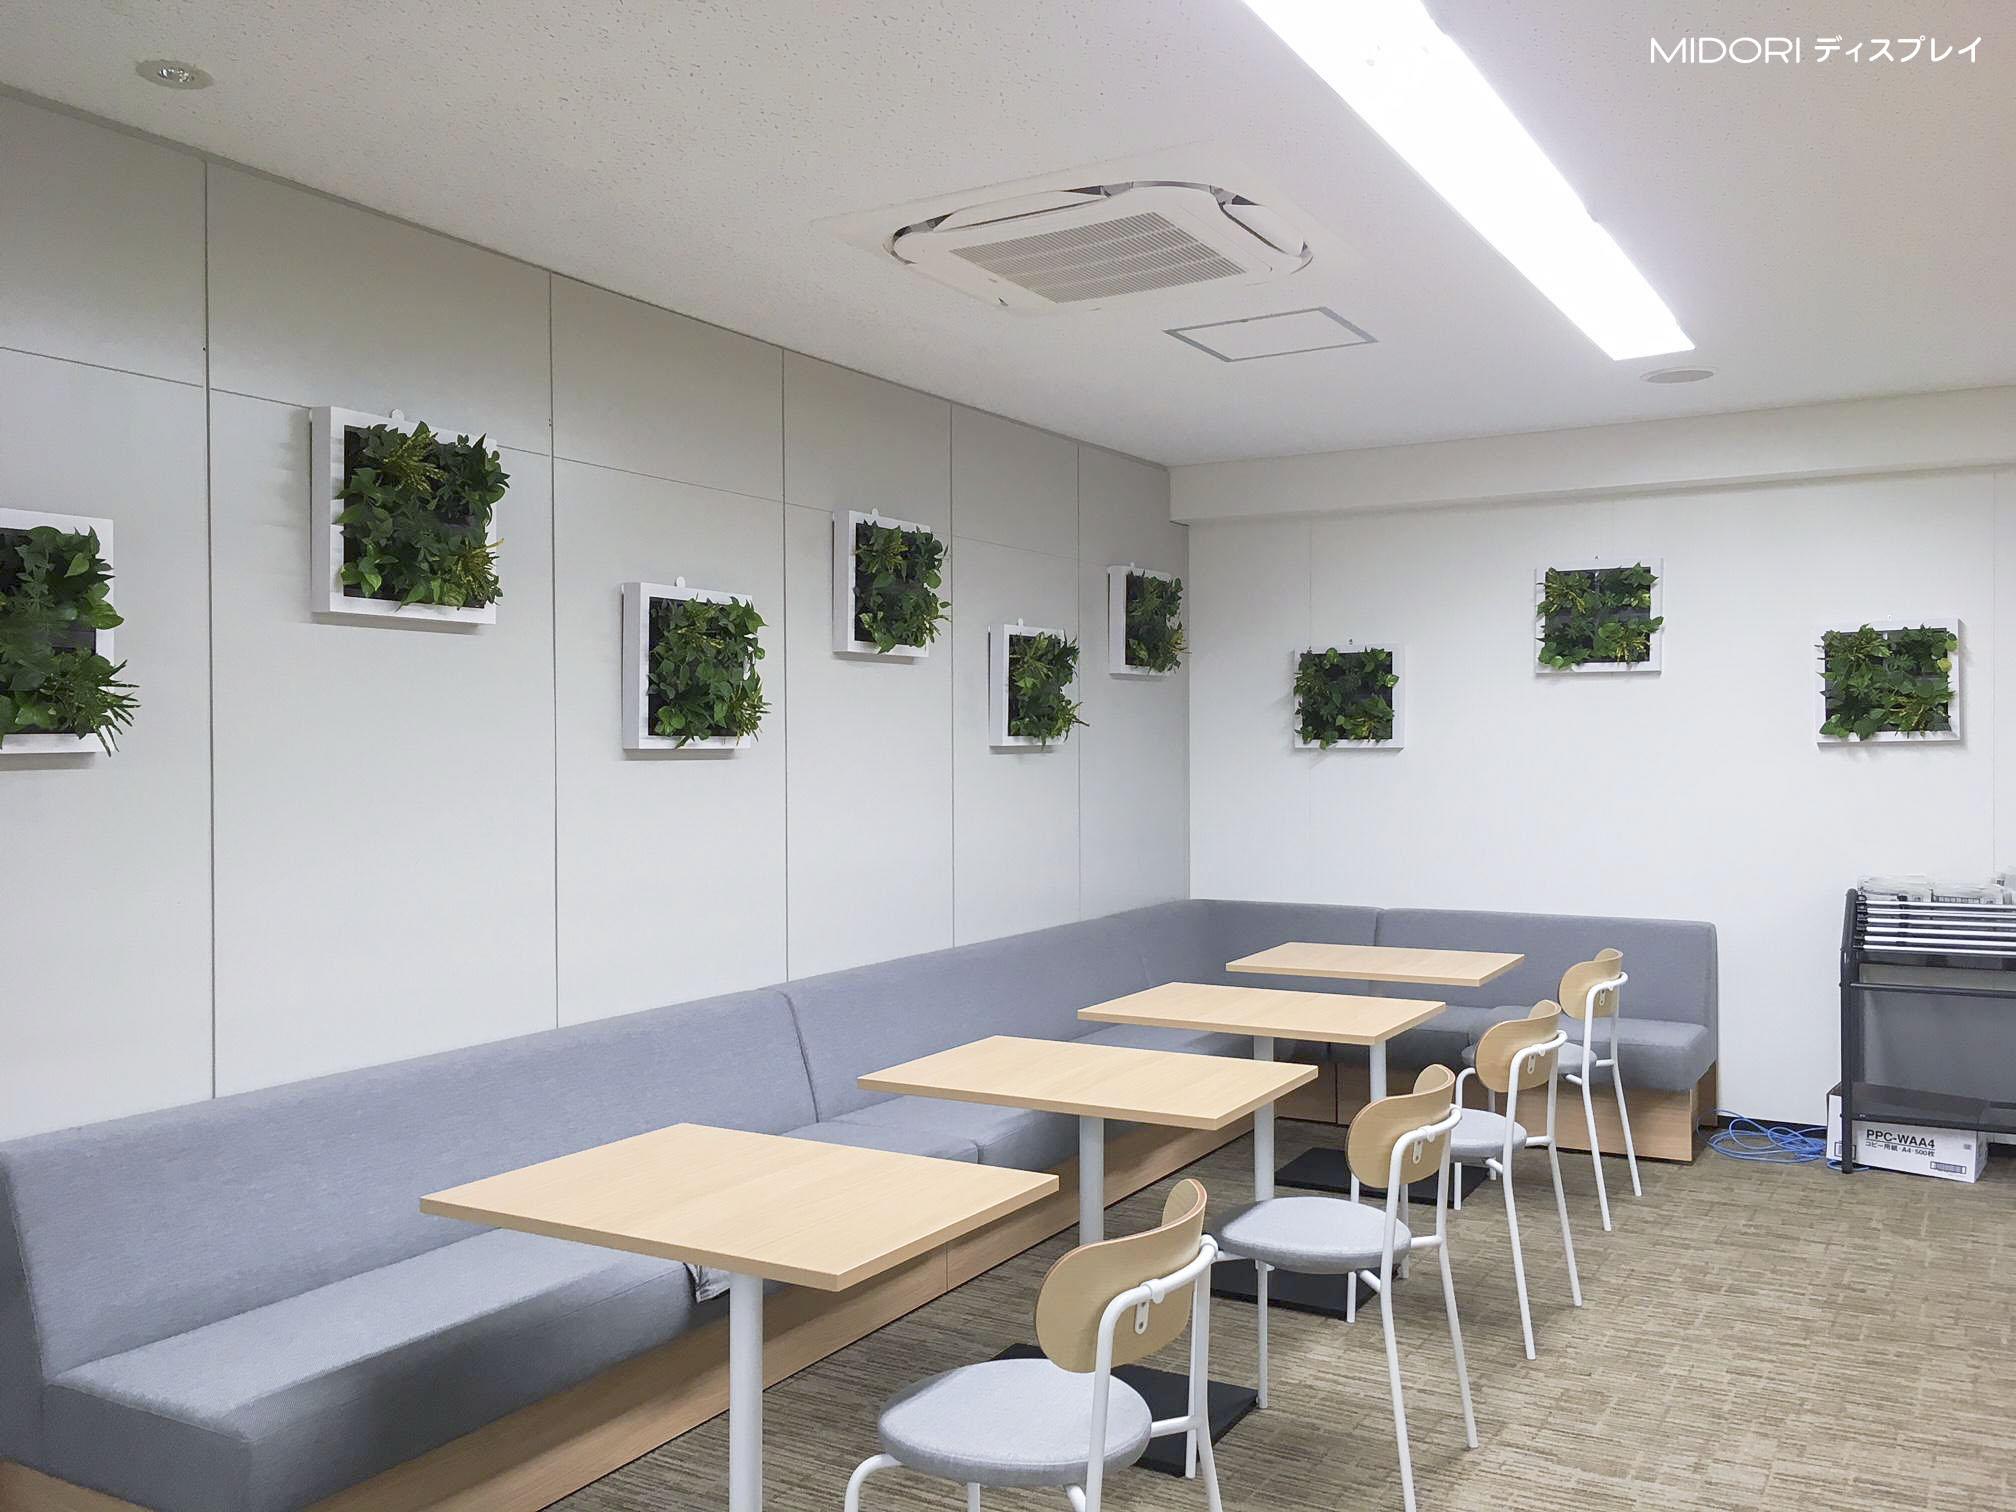 大阪市内オフィスフロアに壁面緑化